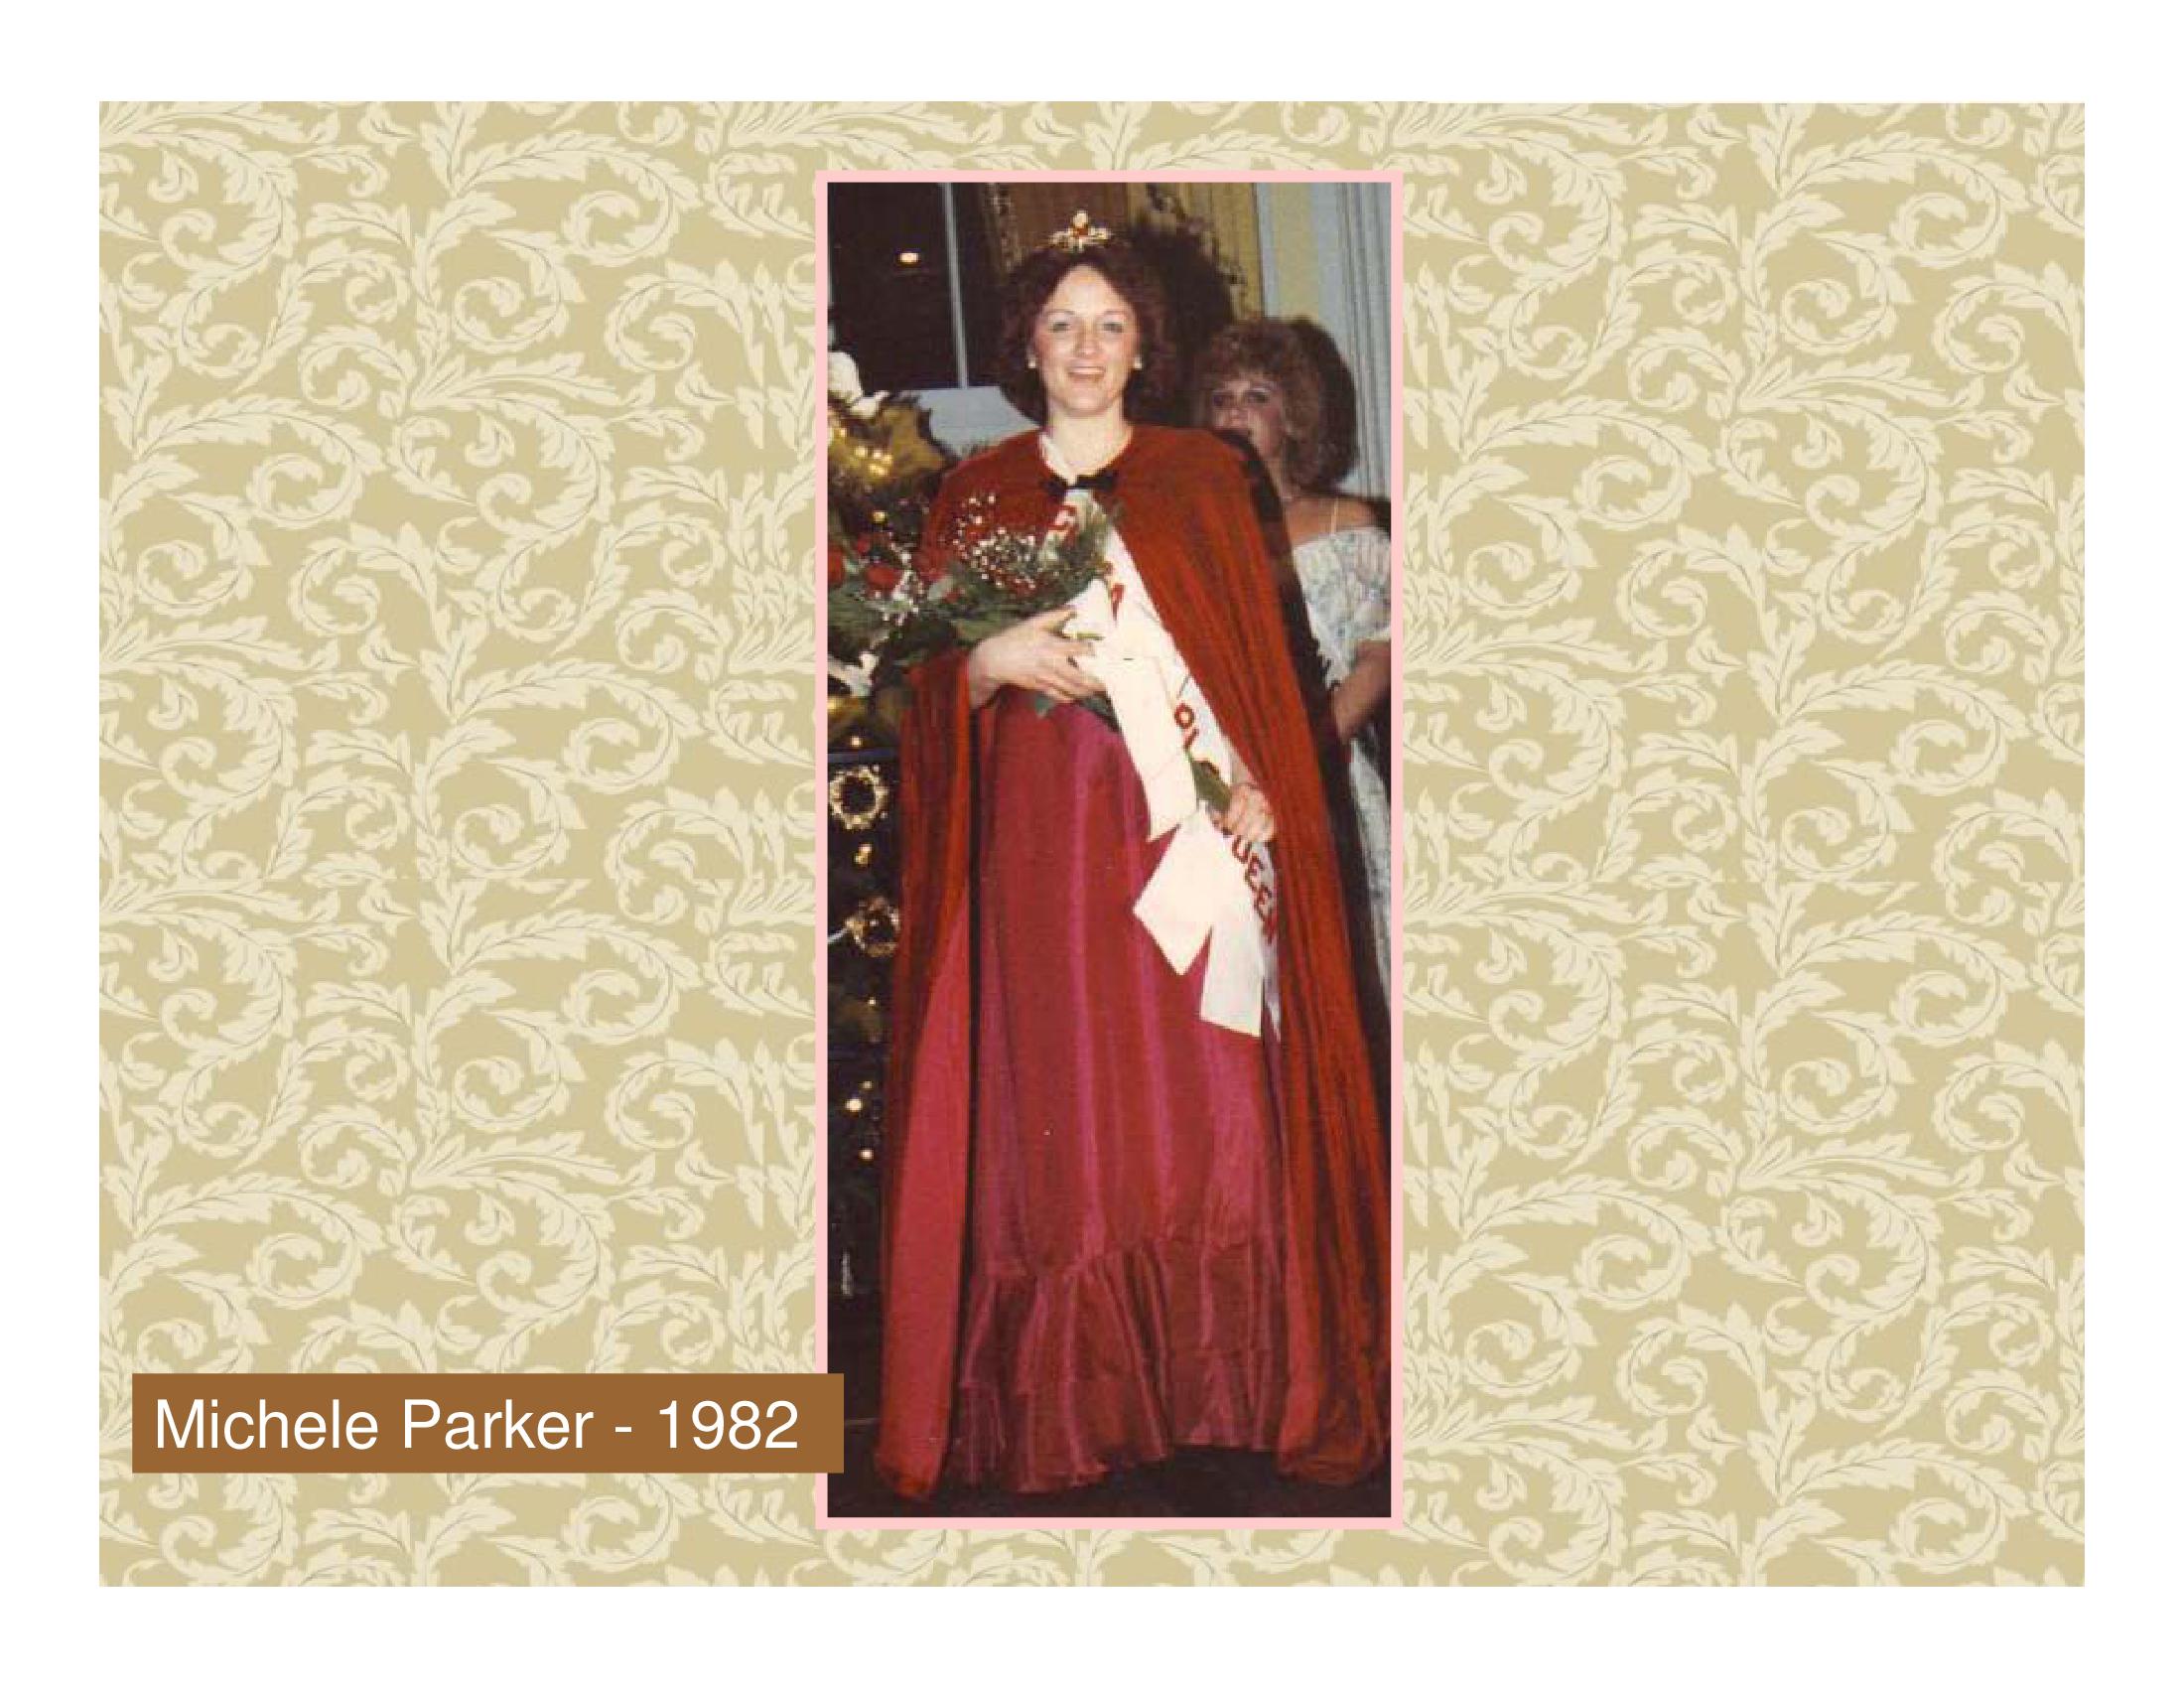 Michele Parker - 1982